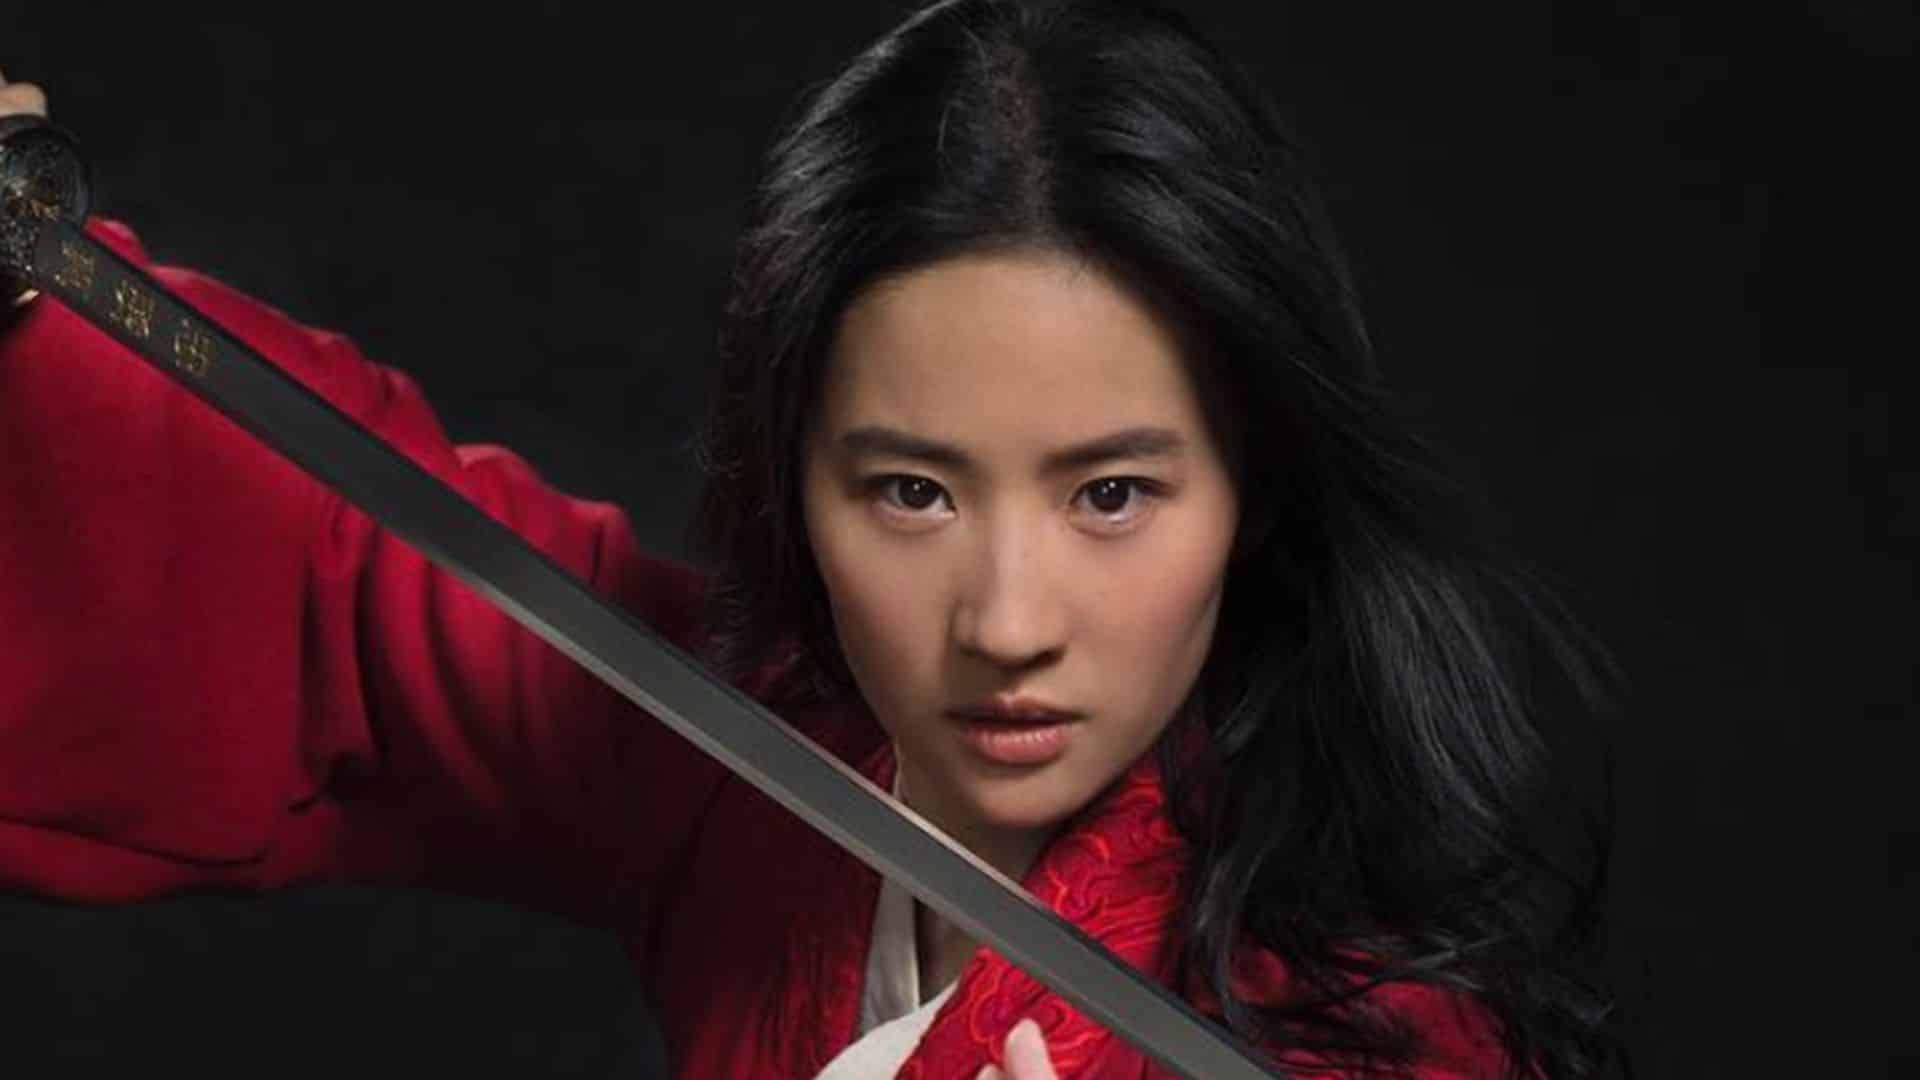 chýbajúca postava v Mulan